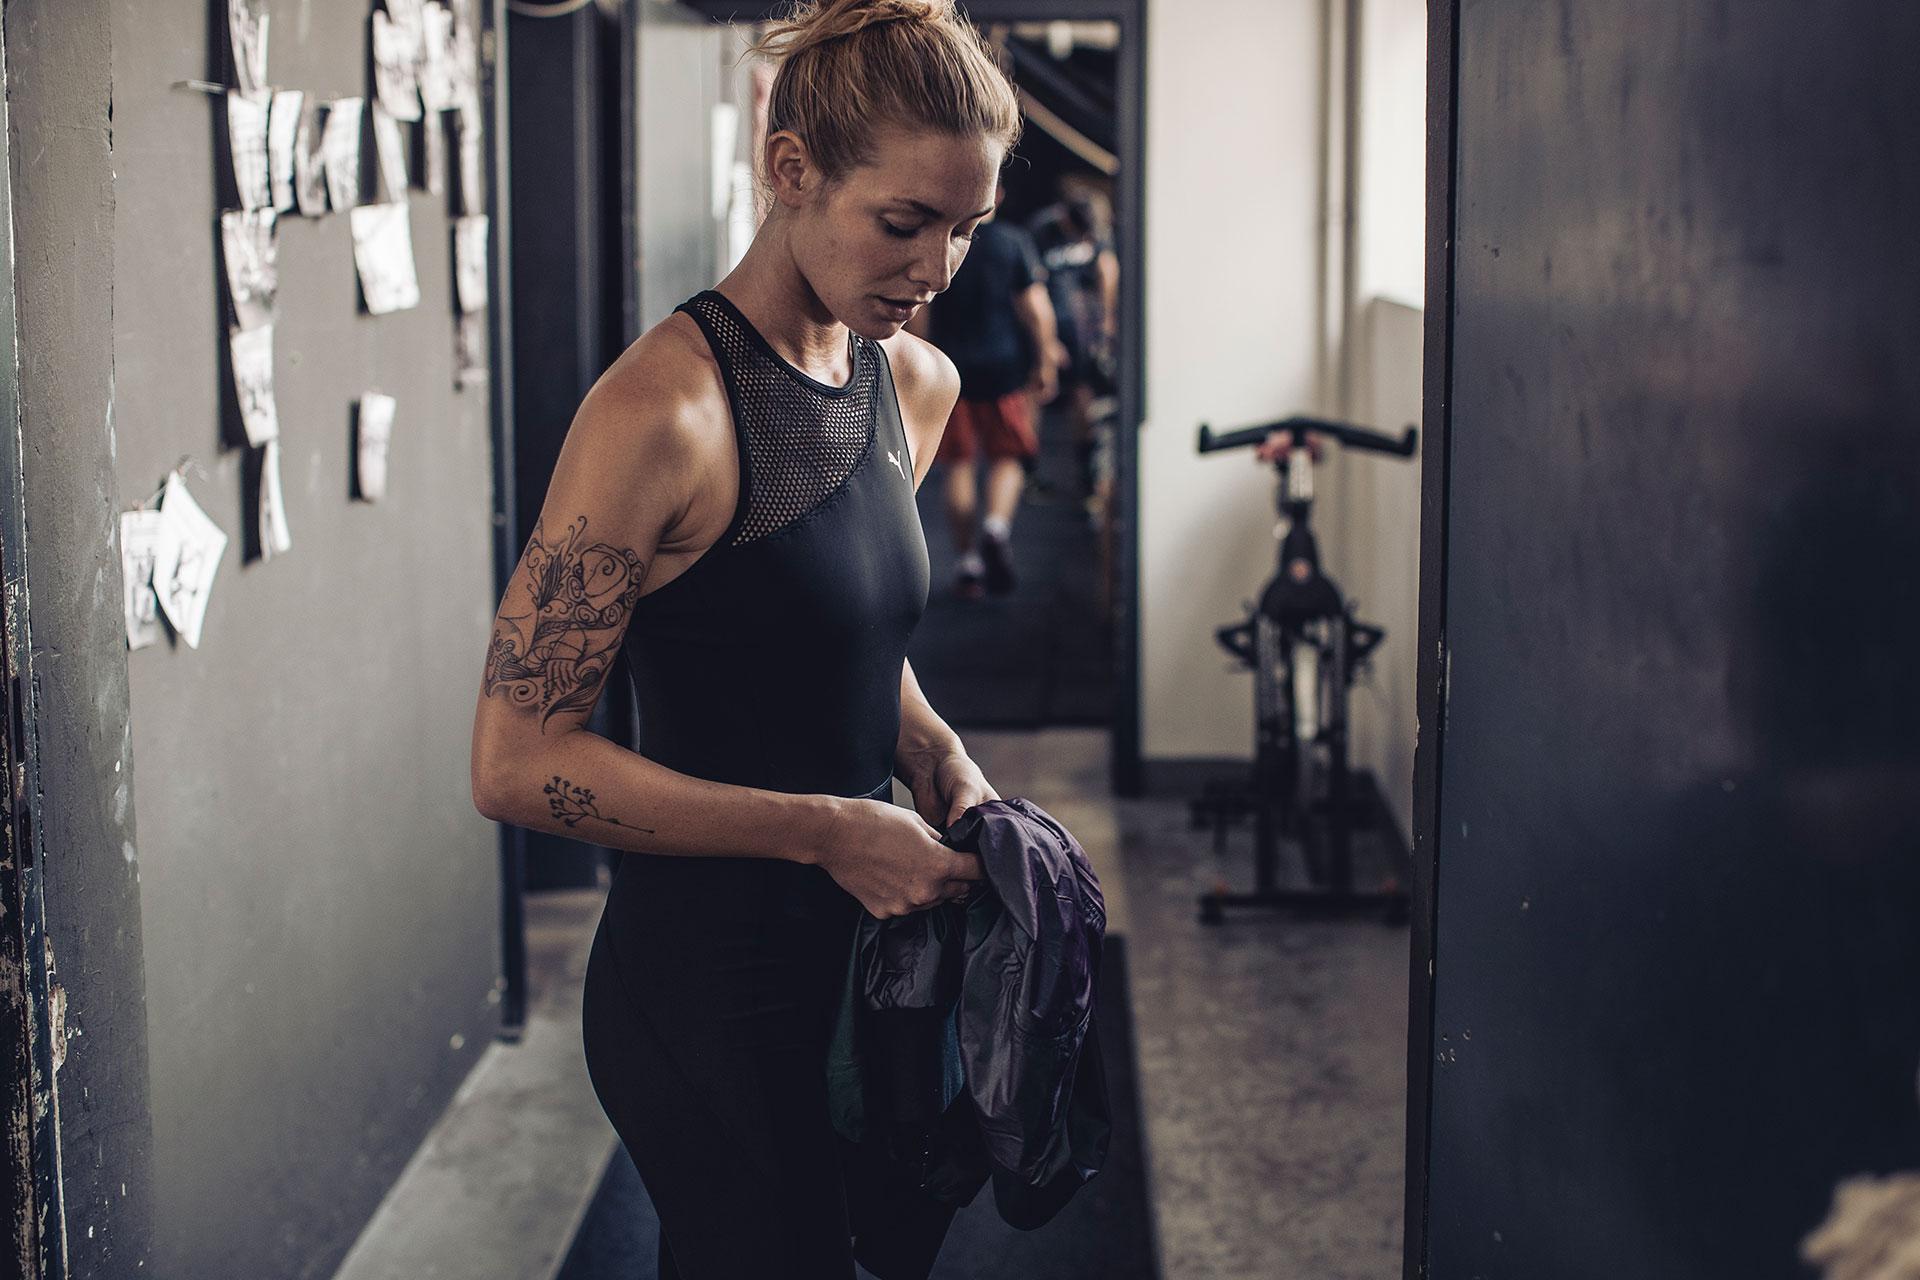 crossfit fotograf fitness training sport deutschland muenchen